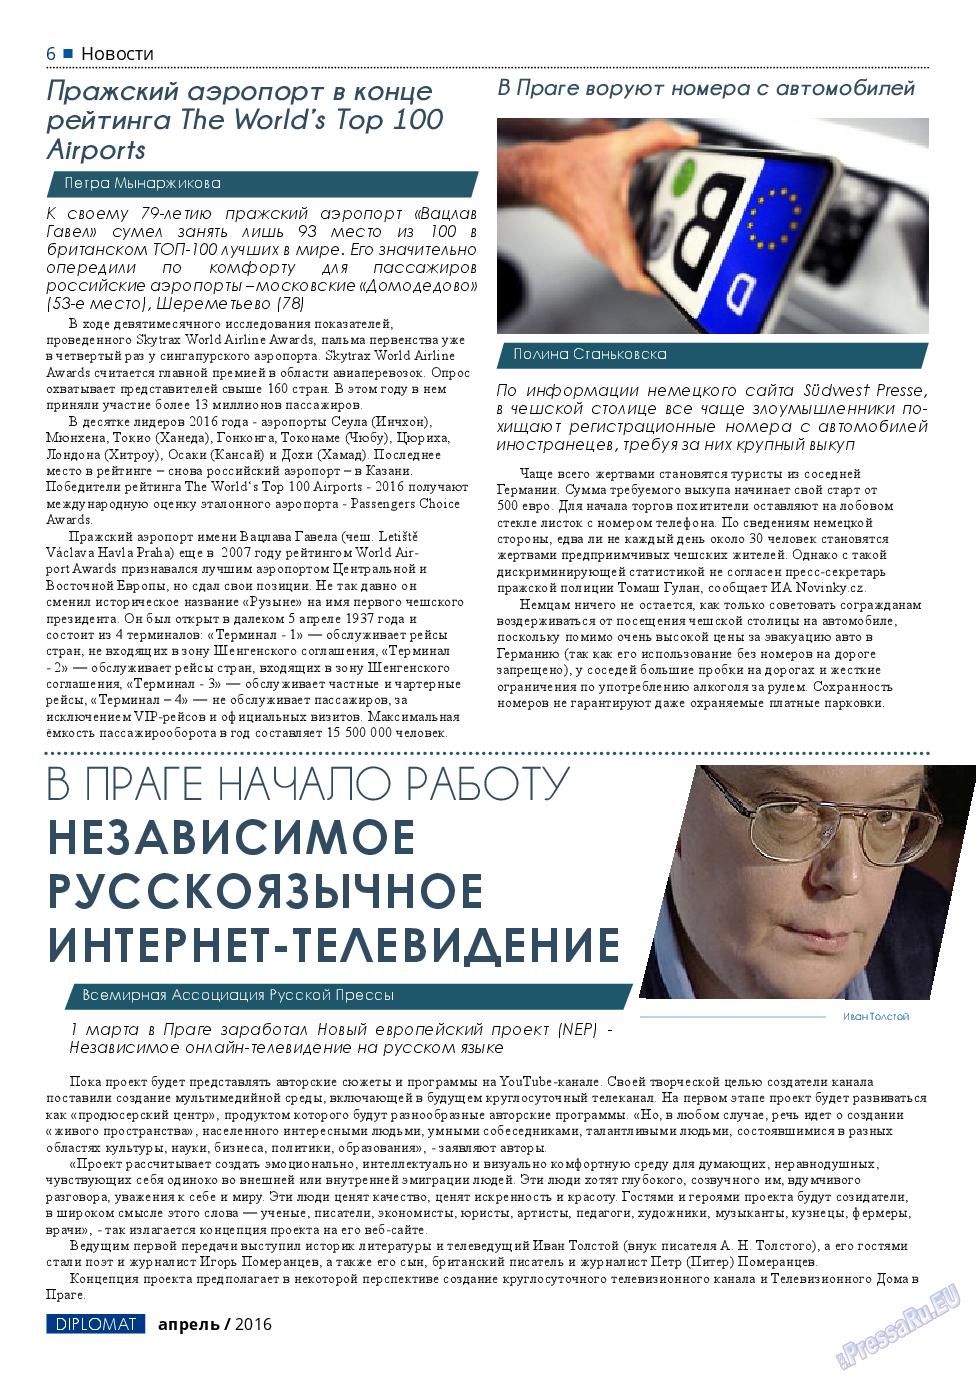 Diplomat (газета). 2016 год, номер 79, стр. 6